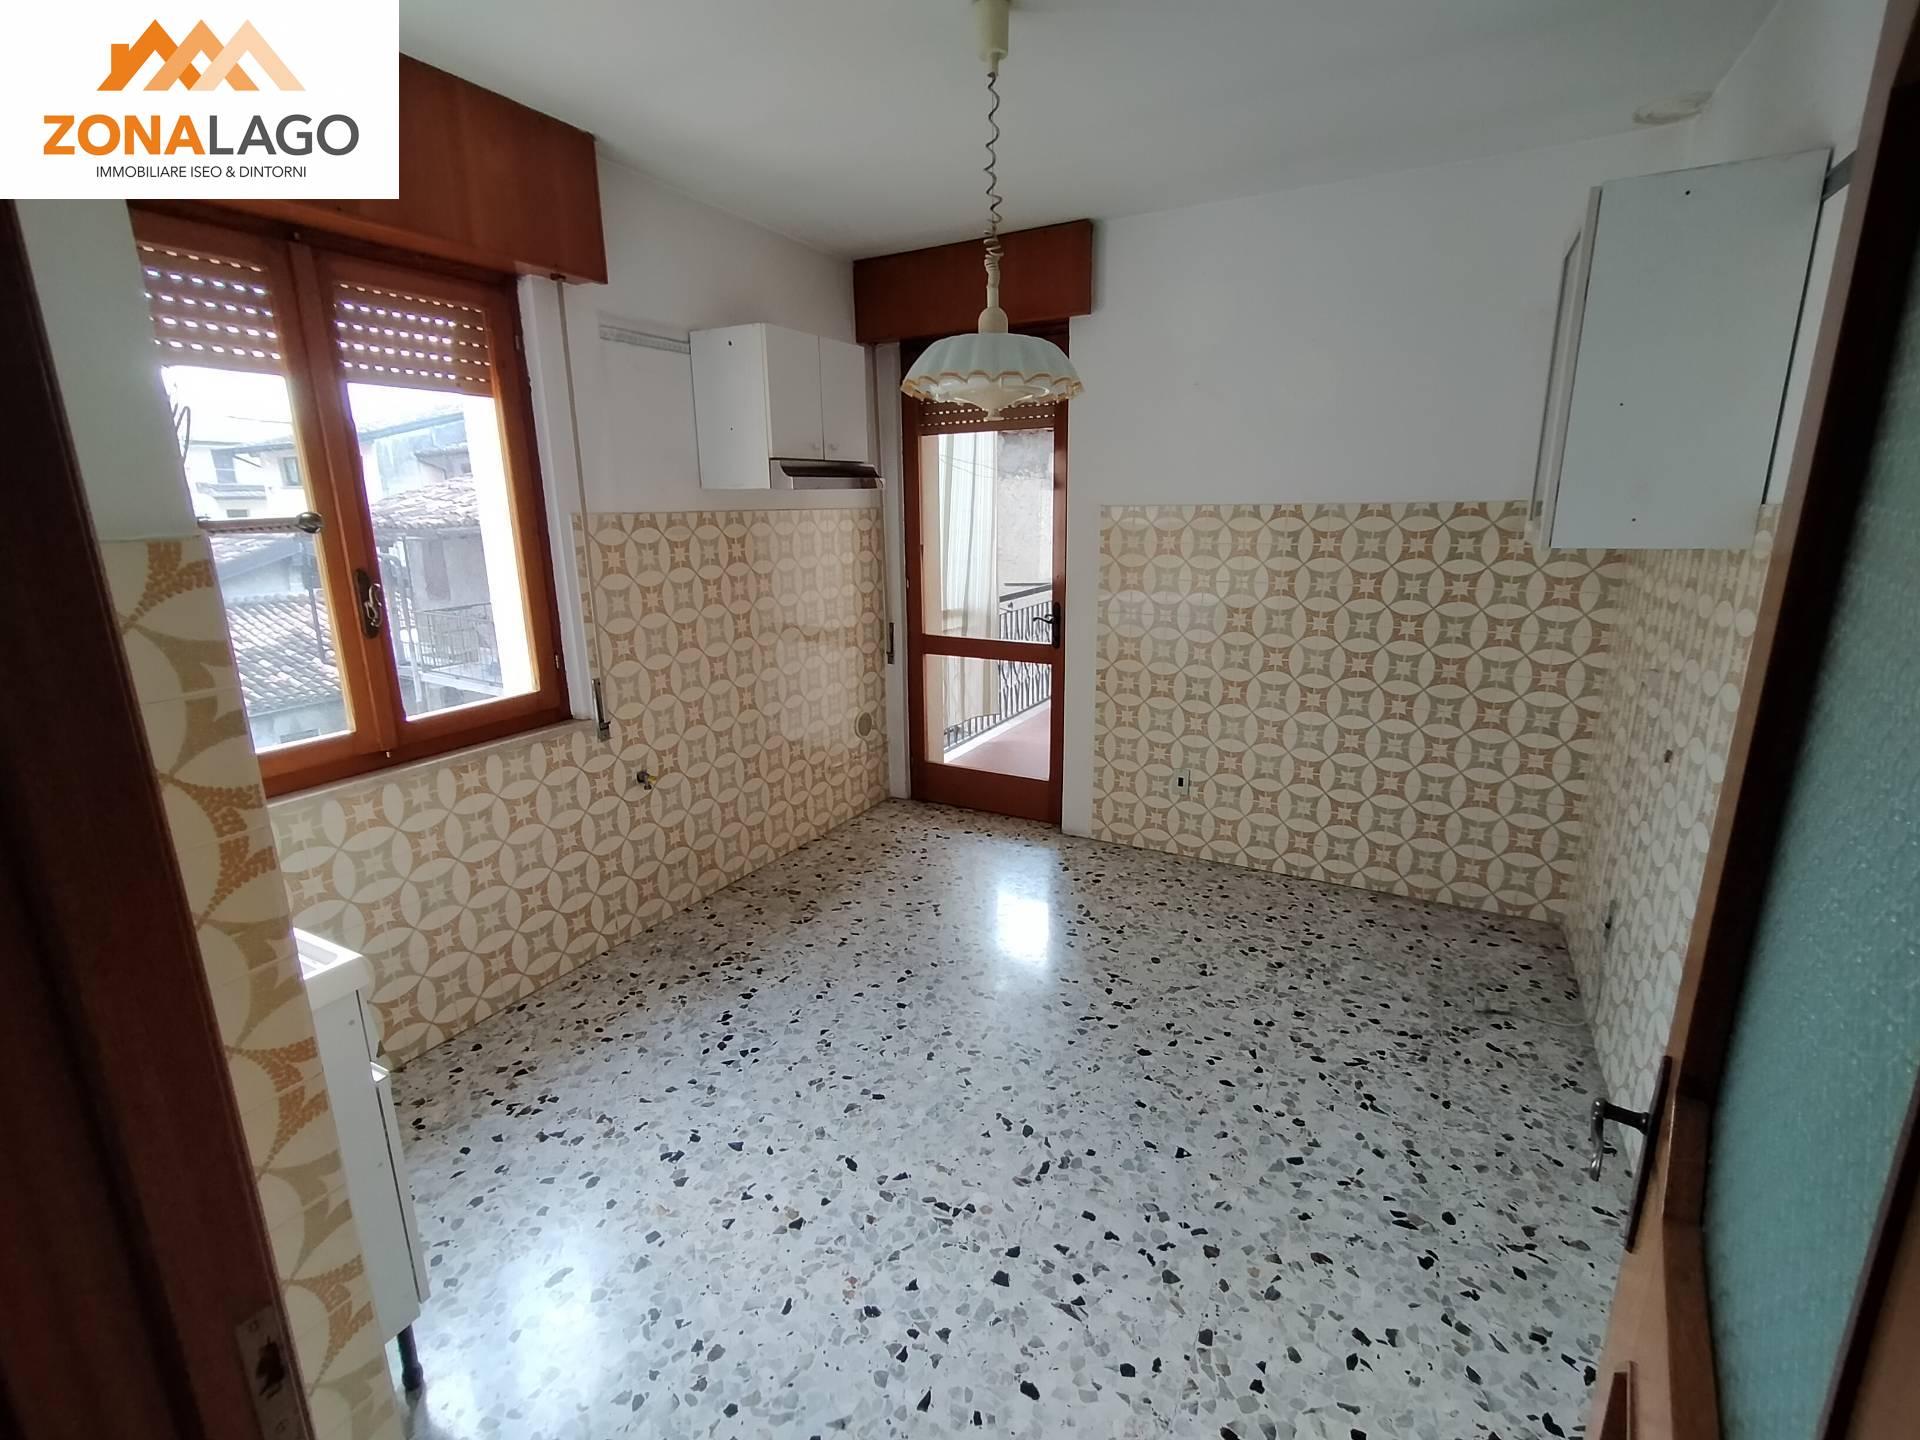 Appartamento in vendita a Marone, 5 locali, zona Località: Centro/centrostorico, prezzo € 98.000   PortaleAgenzieImmobiliari.it